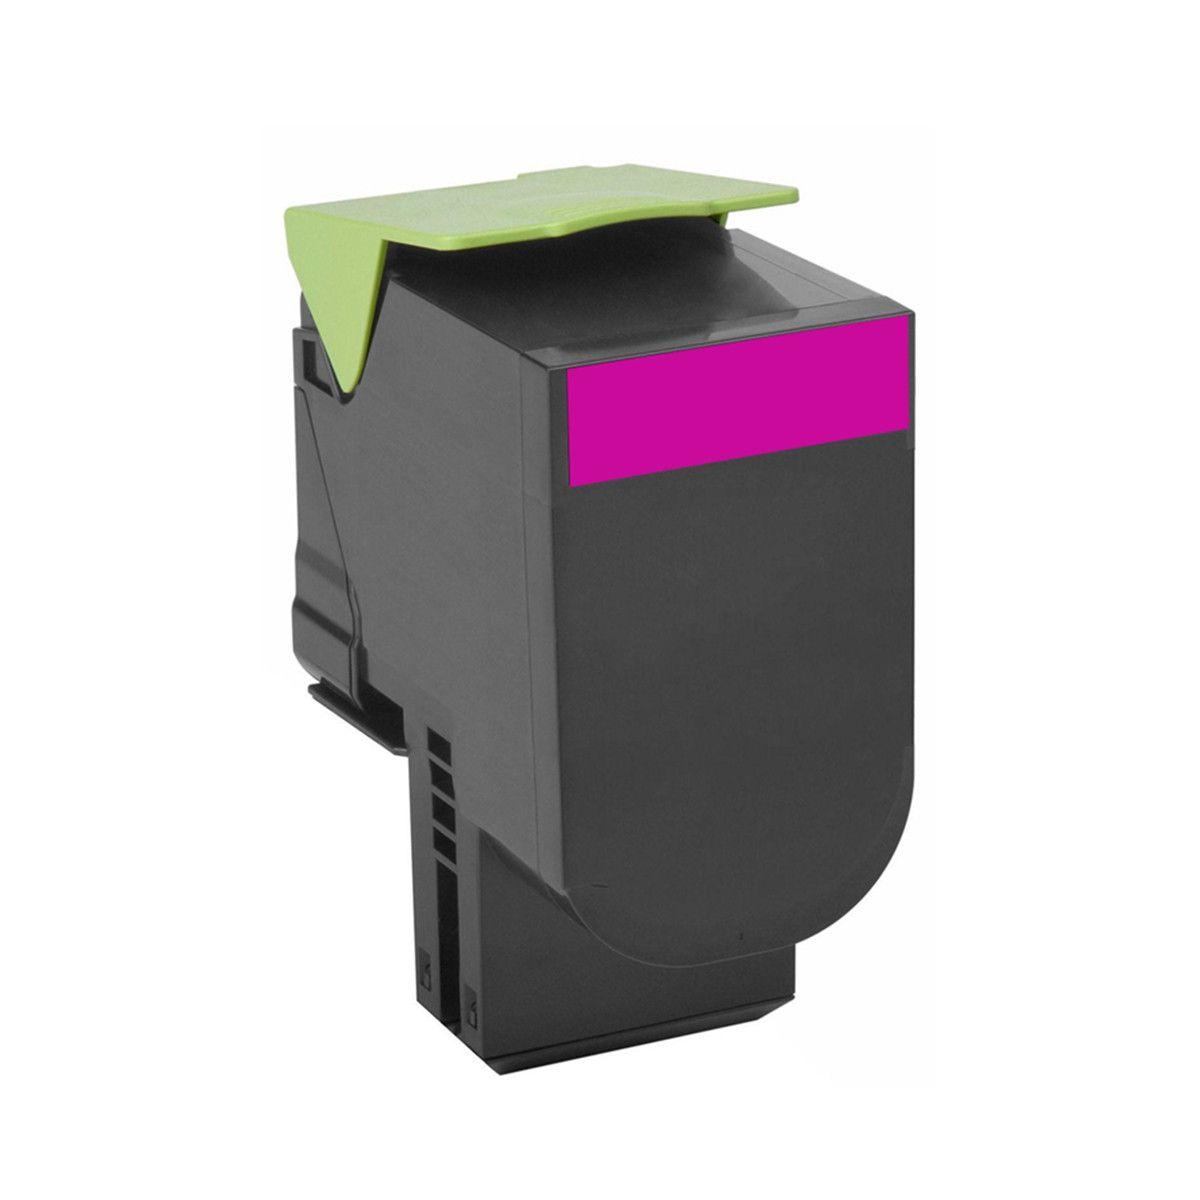 Toner compatível com Lexmark [71B40M0] CS317 CS417 CS517 Magenta 2.300 Páginas - Cartucho & Cia